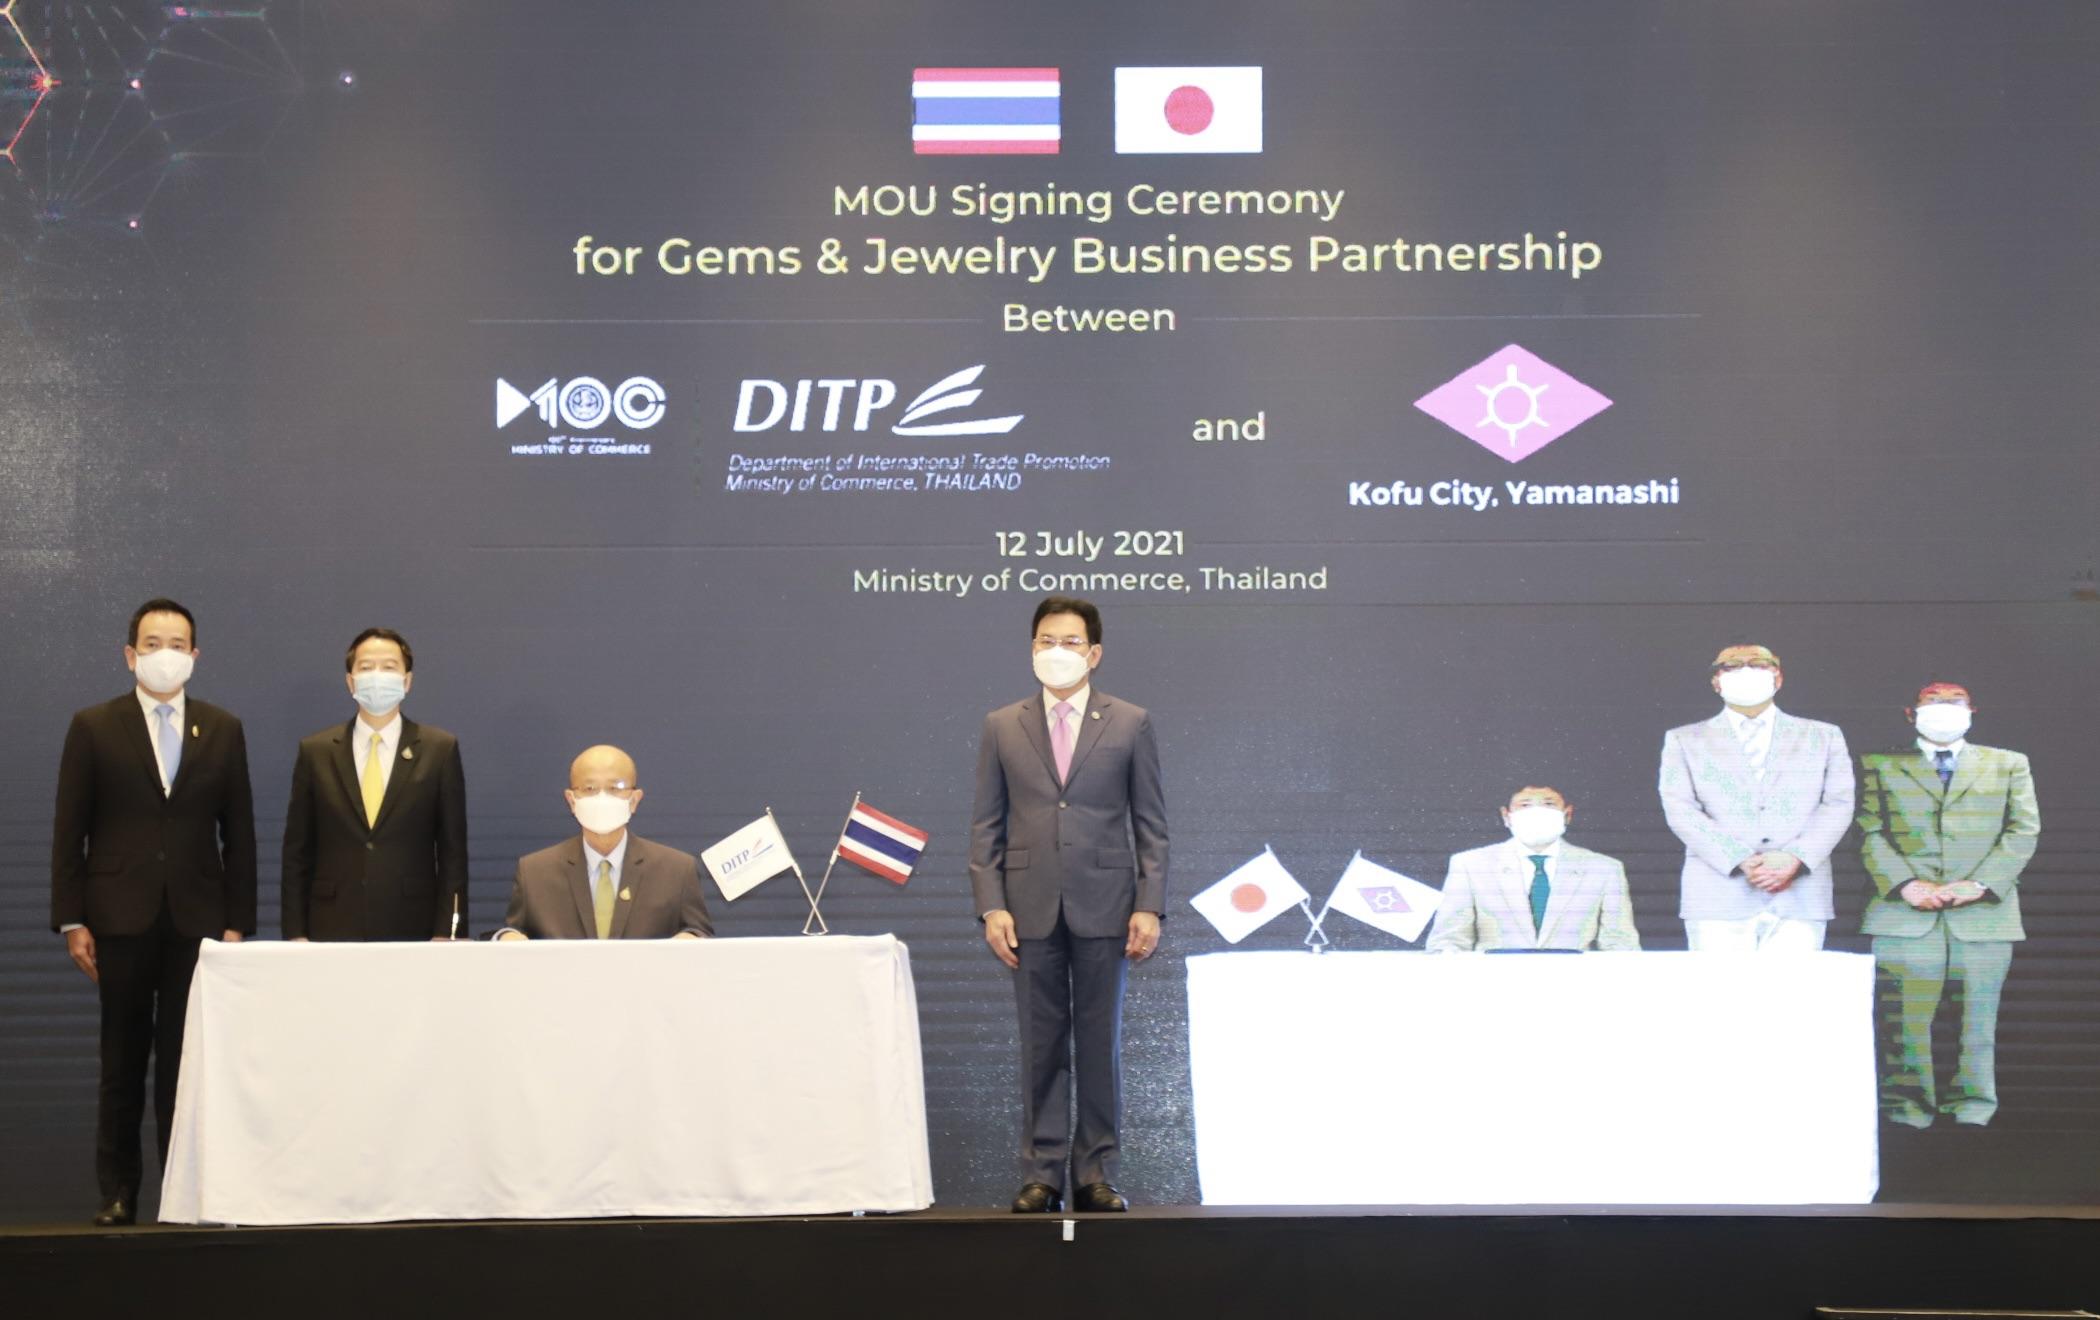 """เซ็นแล้ว ! """" Mini-FTA ฉบับแรก"""" พาณิชย์ ไทย กับ เมืองโคฟุ ญี่ปุ่น ดัน อัญมณี-เครื่องประดับไทย """"ผงาดในตลาดโลก"""""""